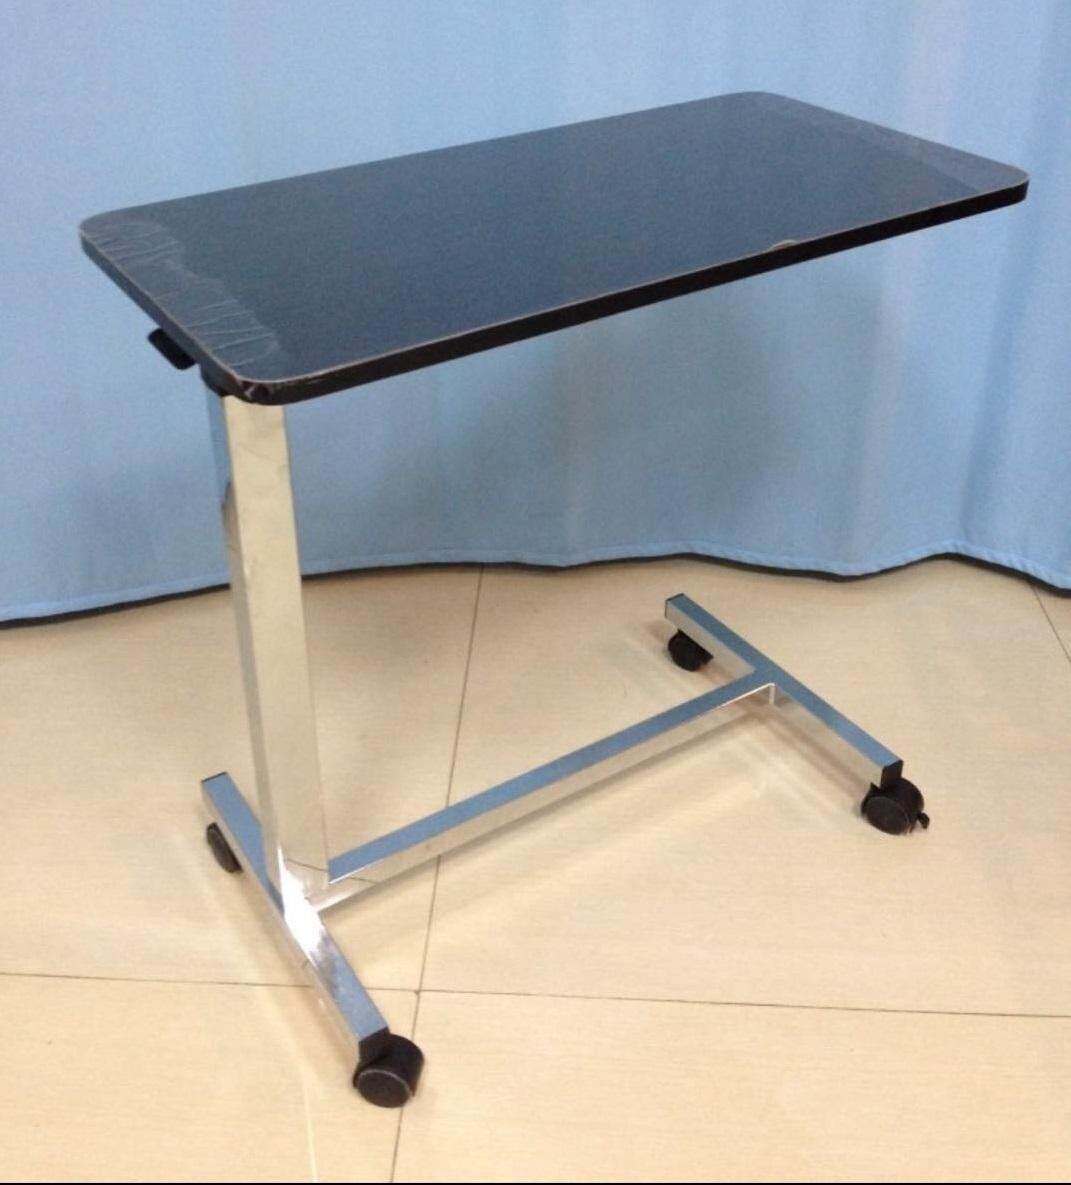 โต๊ะคร่อมเตียงหน้าไม้ ปรับระดับได้ Wooden Top Overbed Table